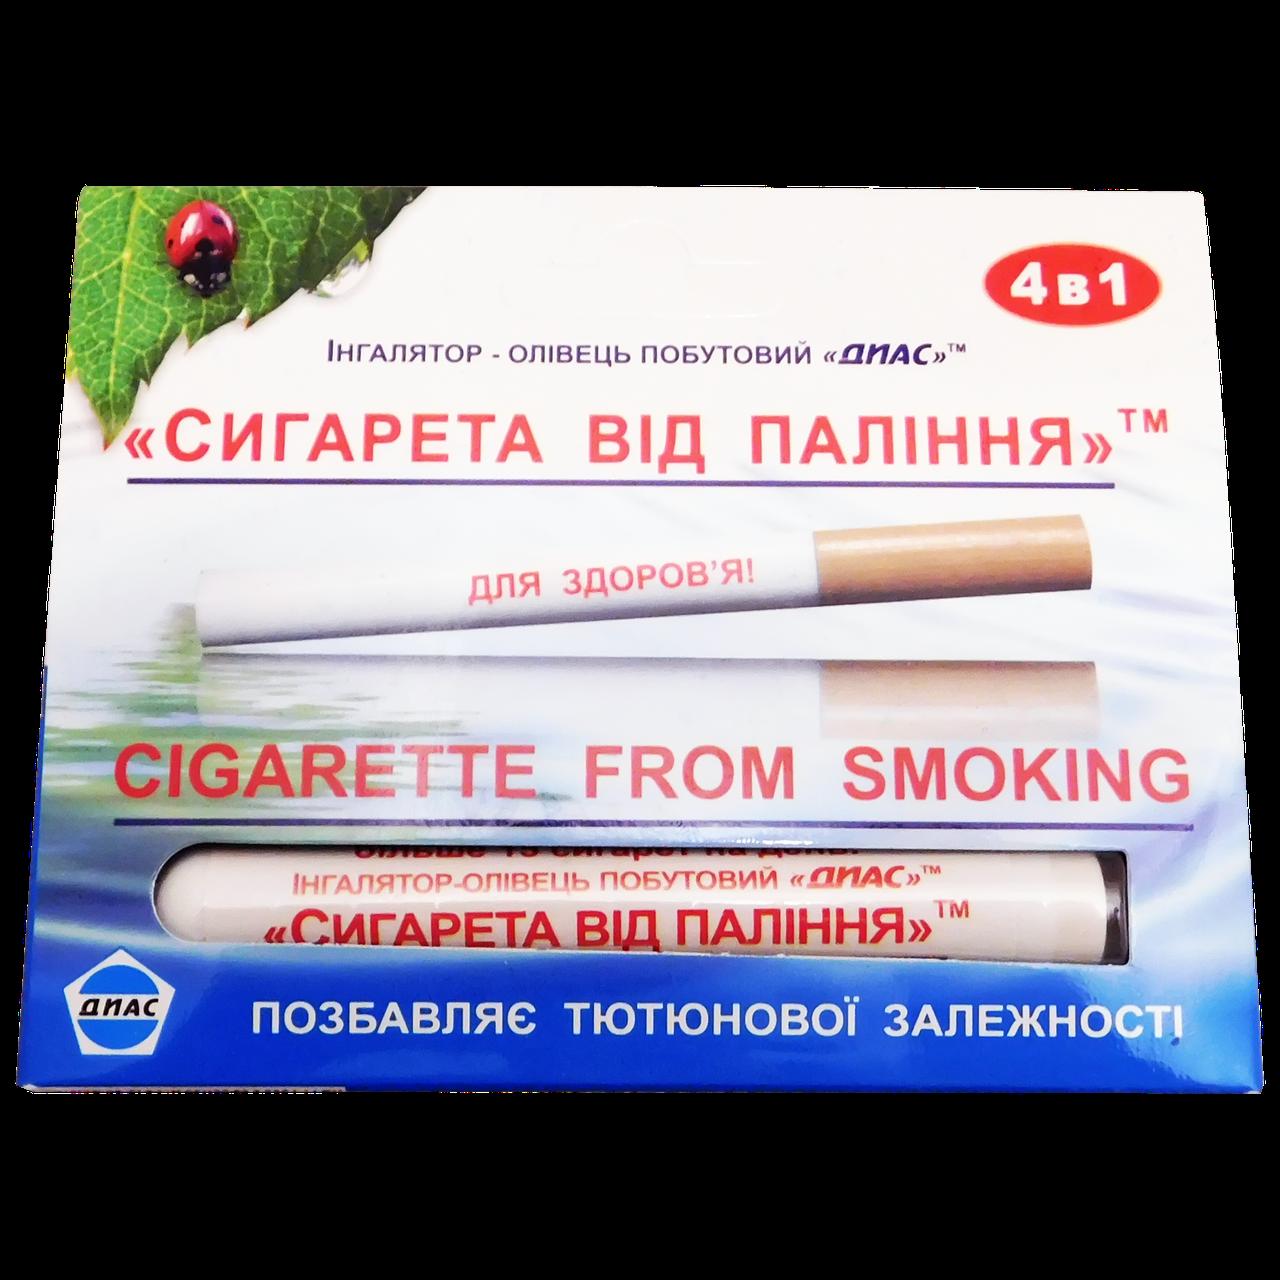 Купить сигарета диас виде о табачном изделии